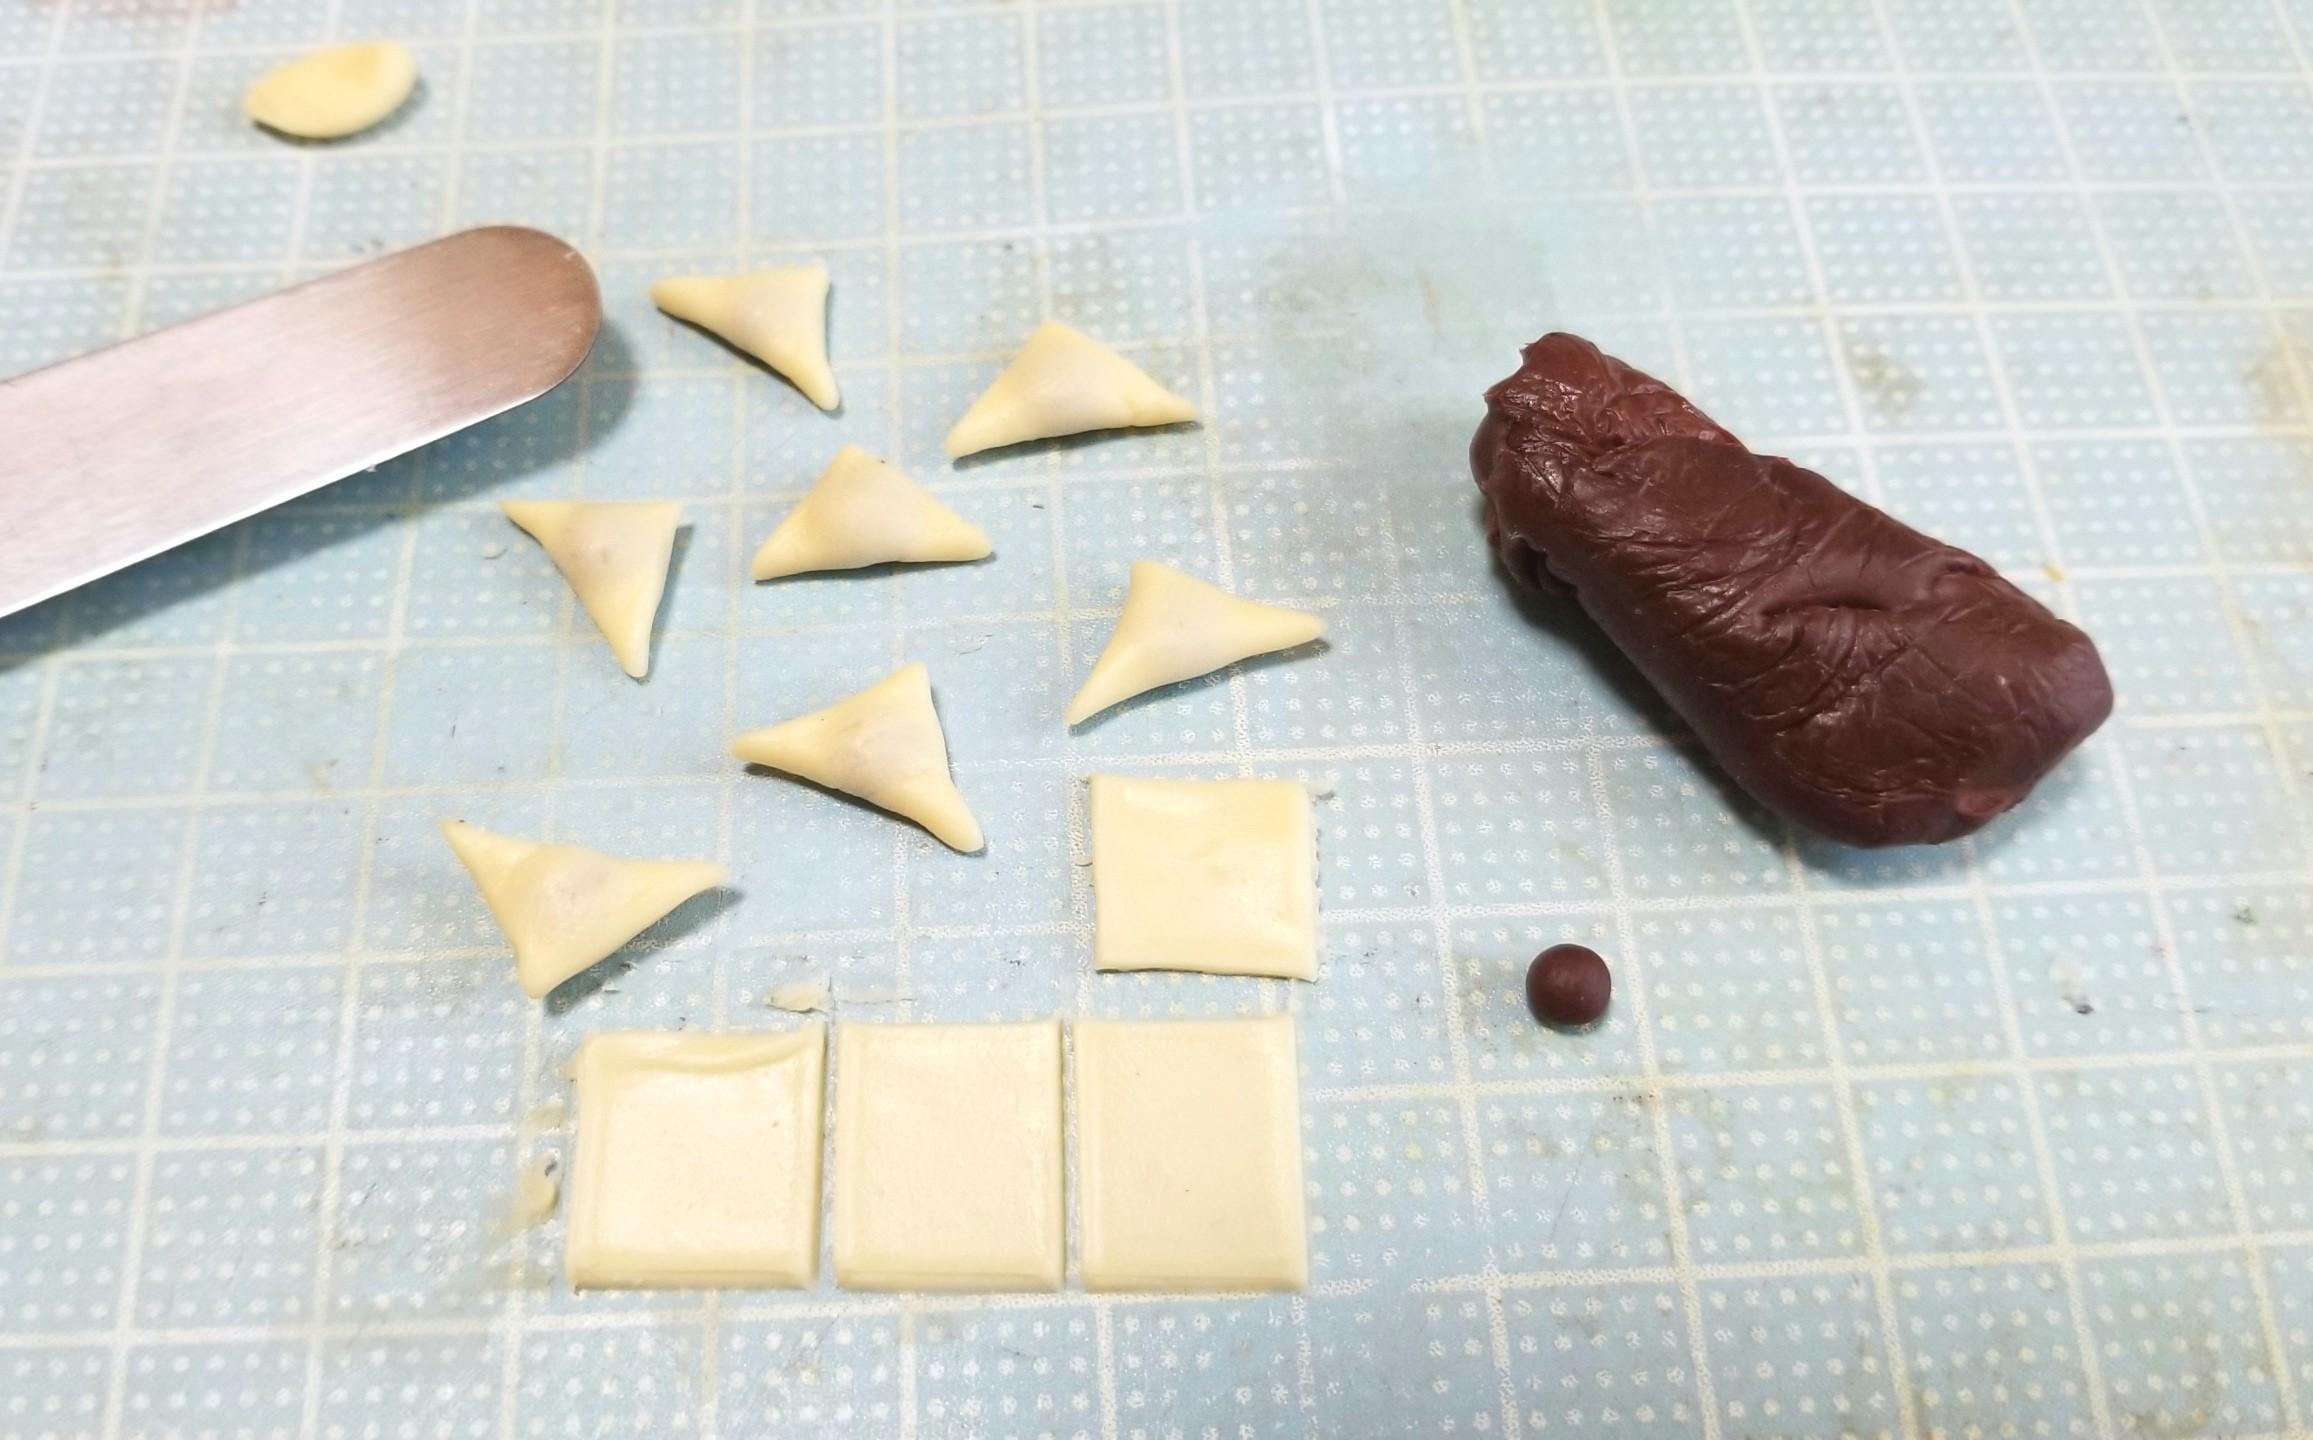 ミニチュア, 八ツ橋, 作り方, 製作過程, 和菓子, ハンドメイド